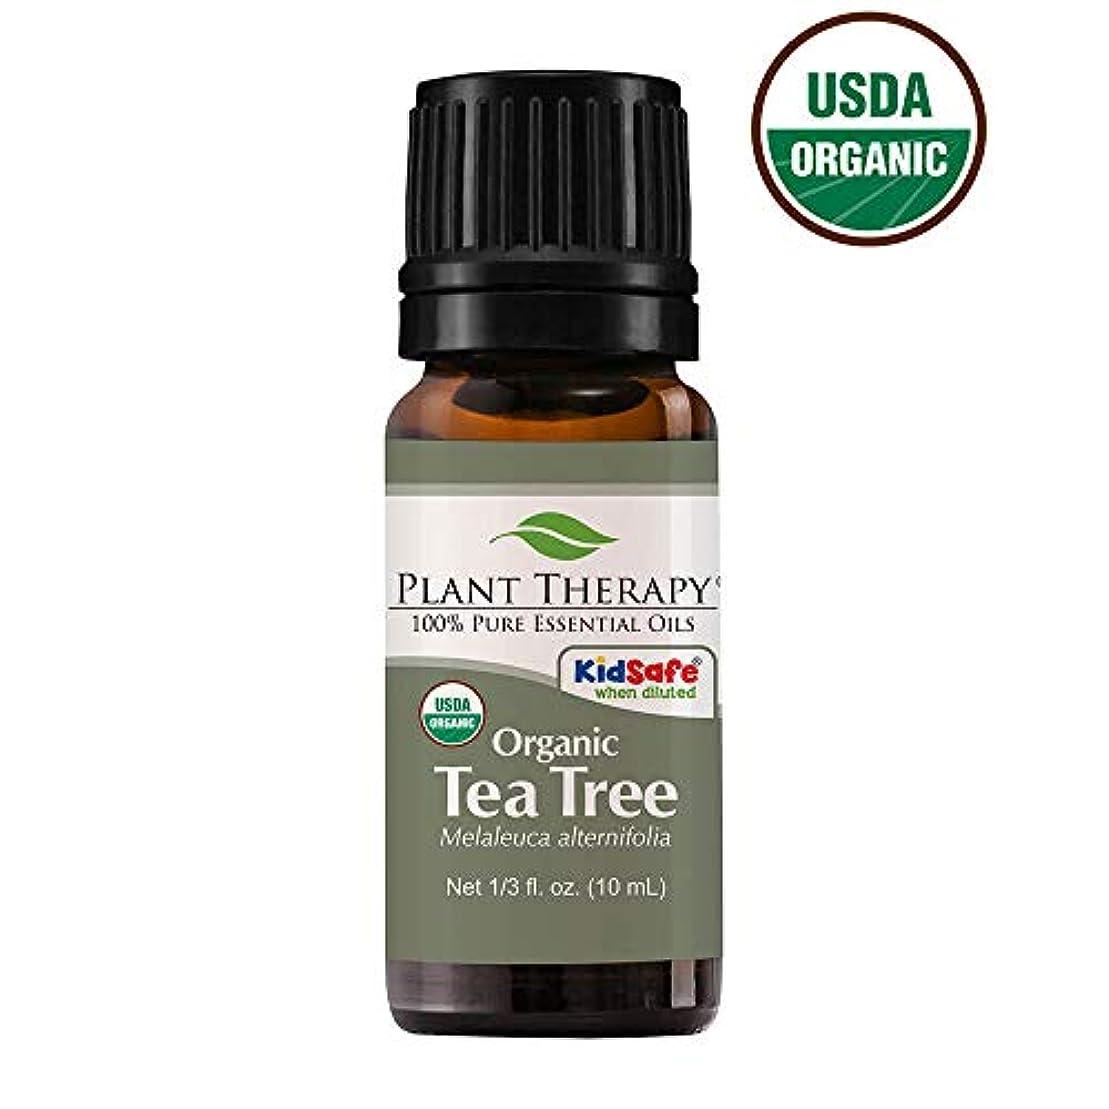 ぴかぴか上向き小さなPlant Therapy Essential Oils (プラントセラピー エッセンシャルオイル) オーガニック ティーツリー (メラルーカ) エッセンシャルオイル